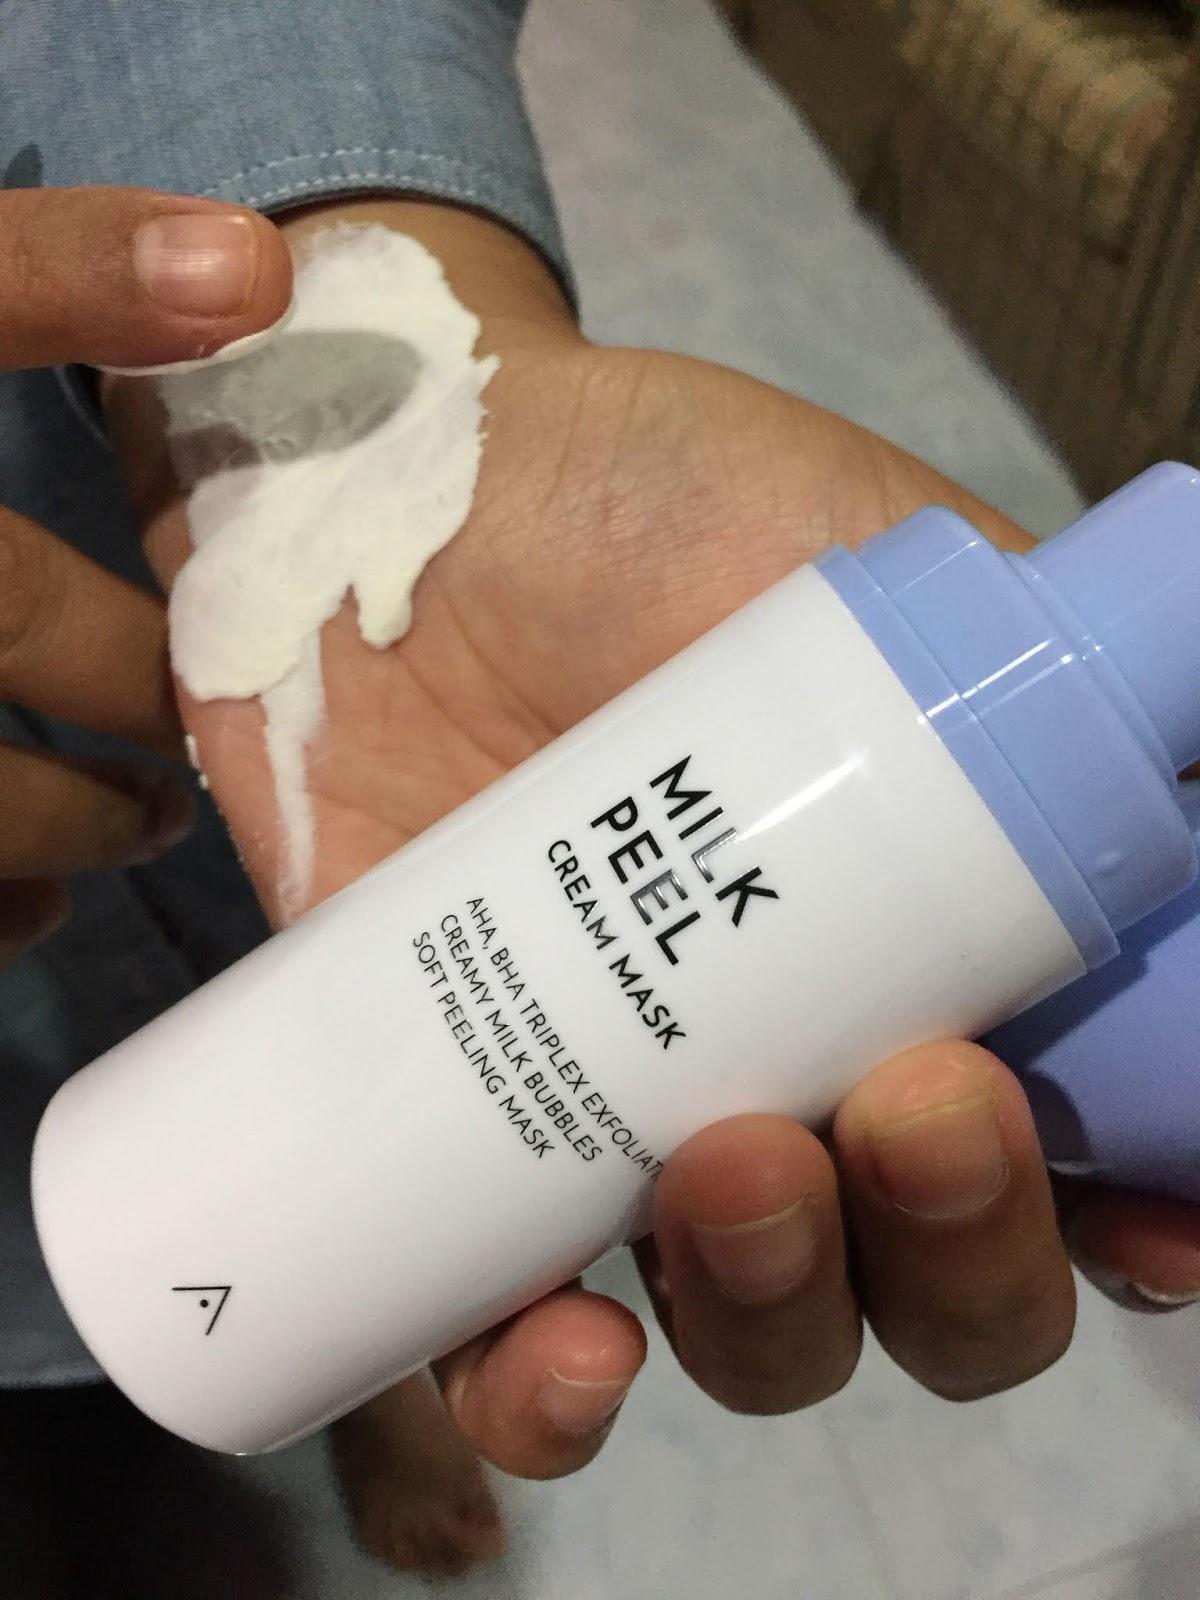 Produk Althea, Althea beauty, masker pilihan